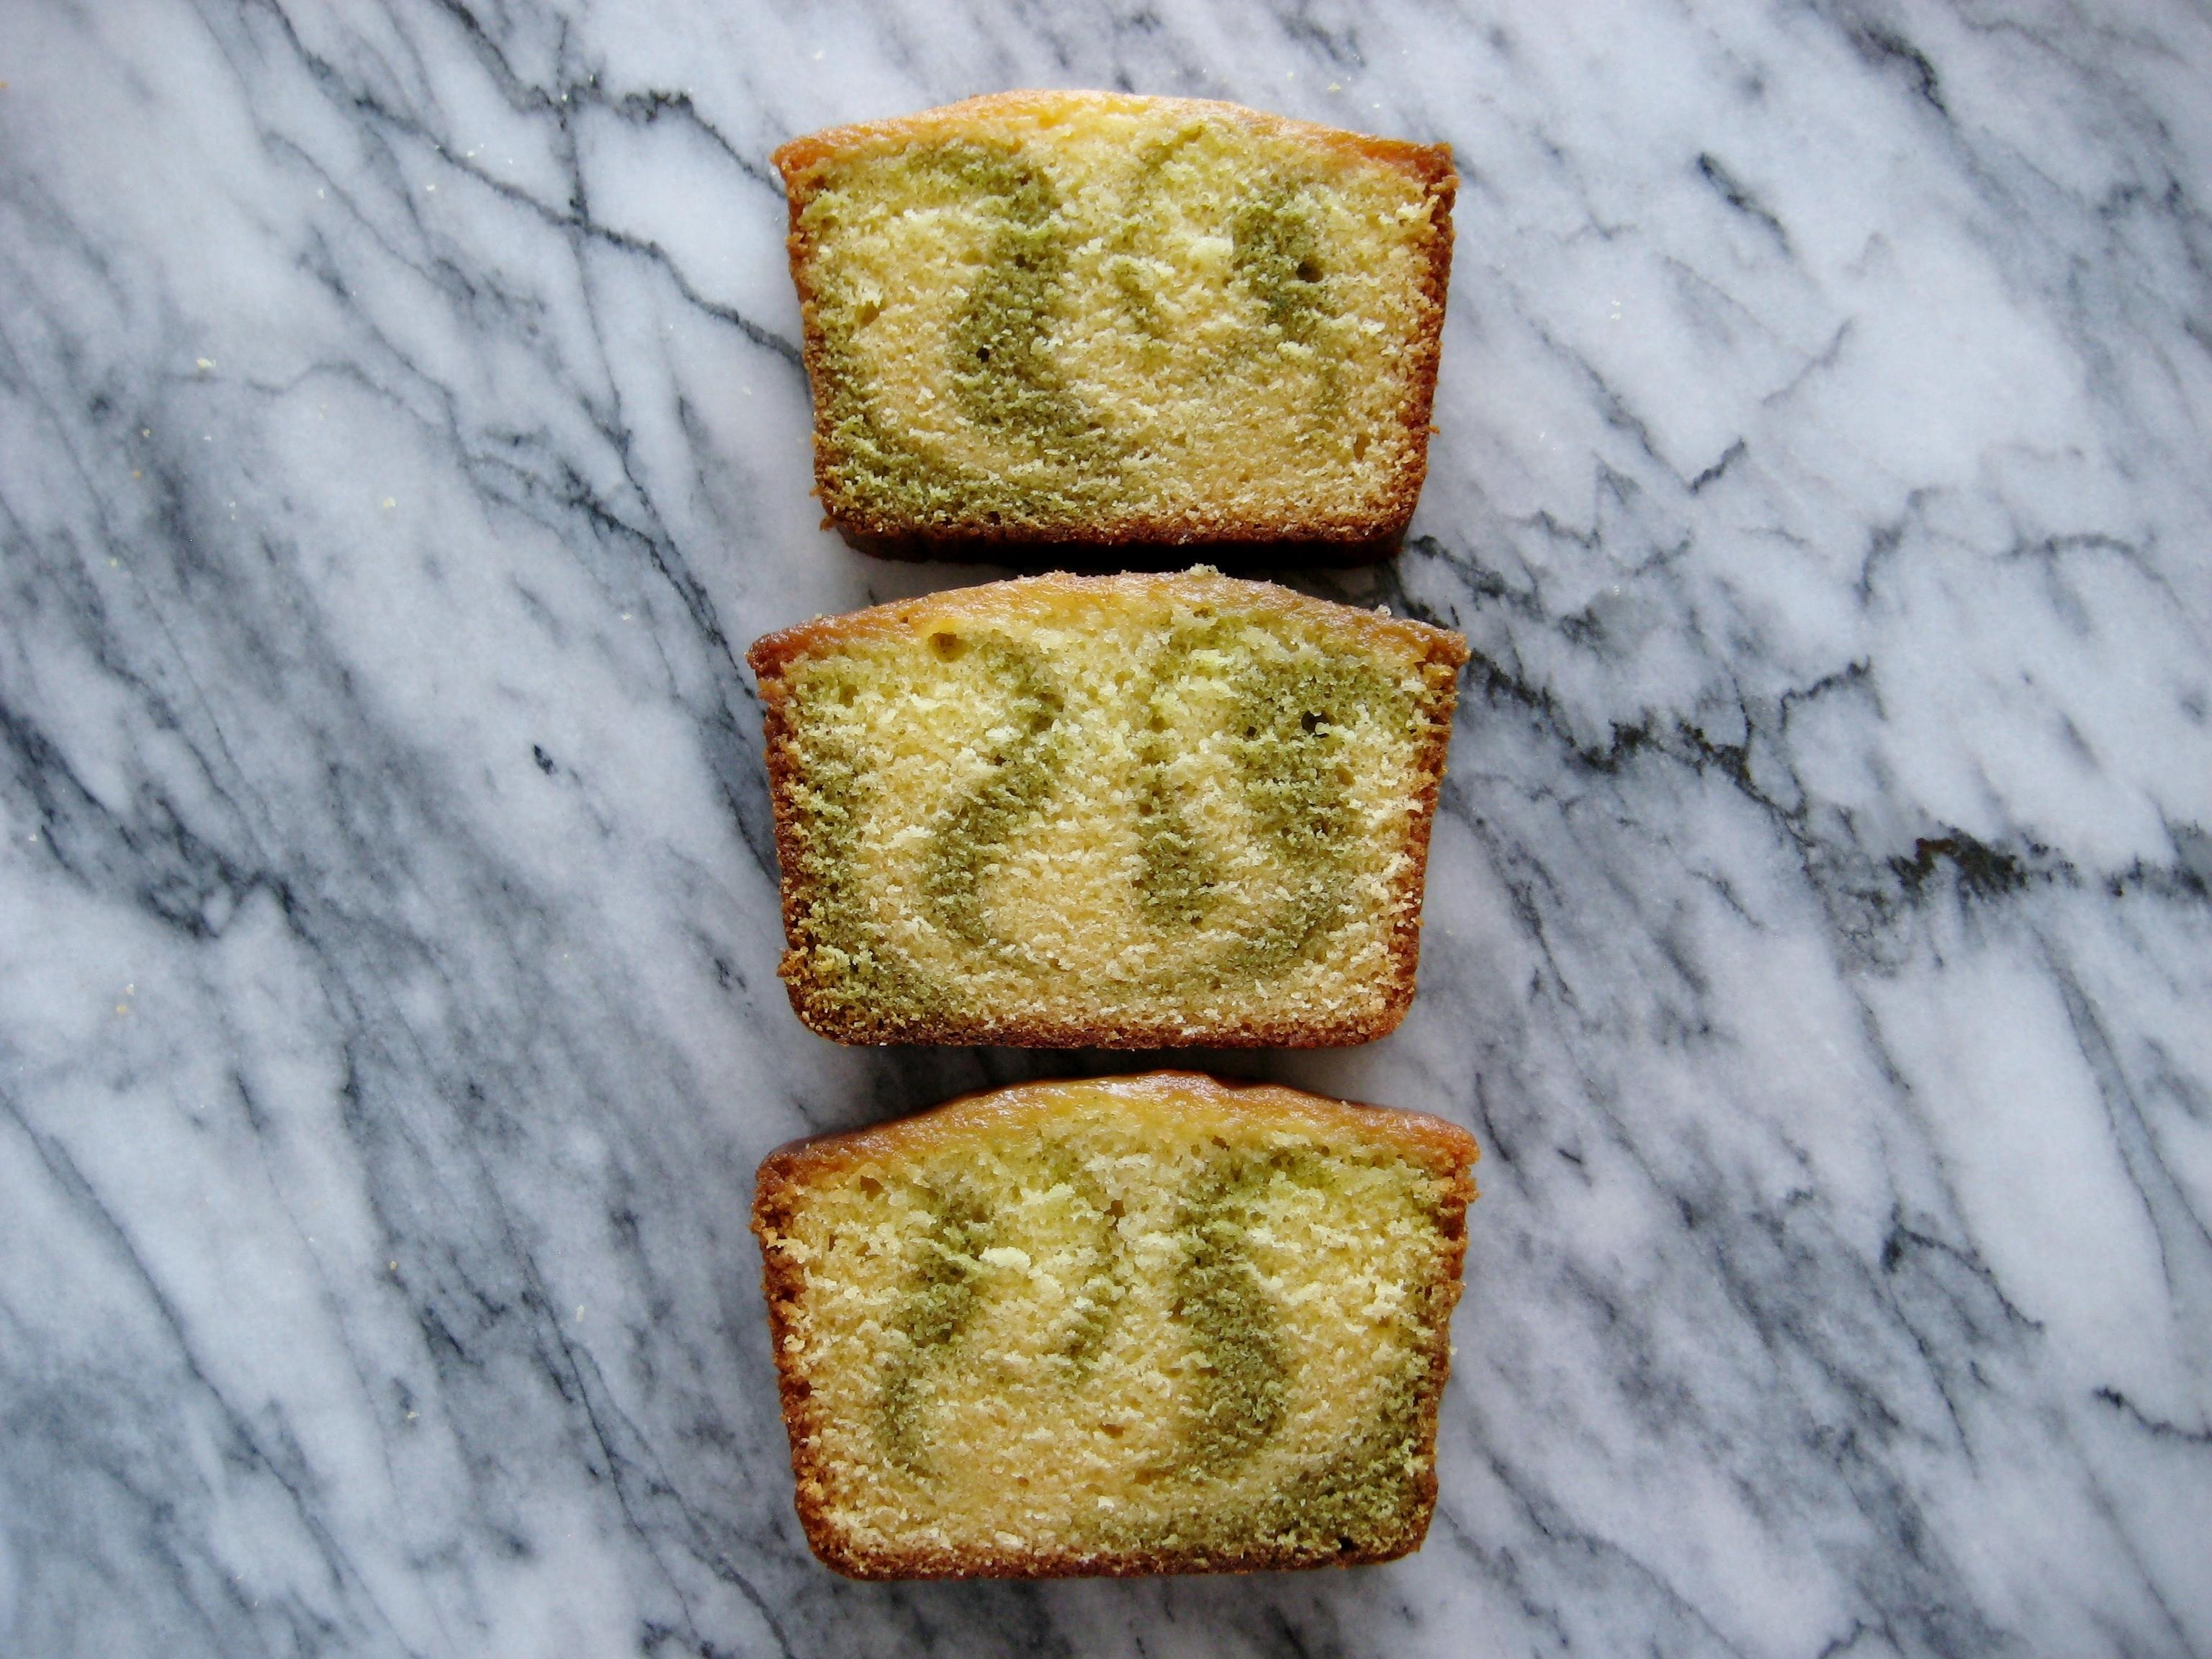 Lemon And Matcha Marble Pound Cake Recipe — Dishmaps